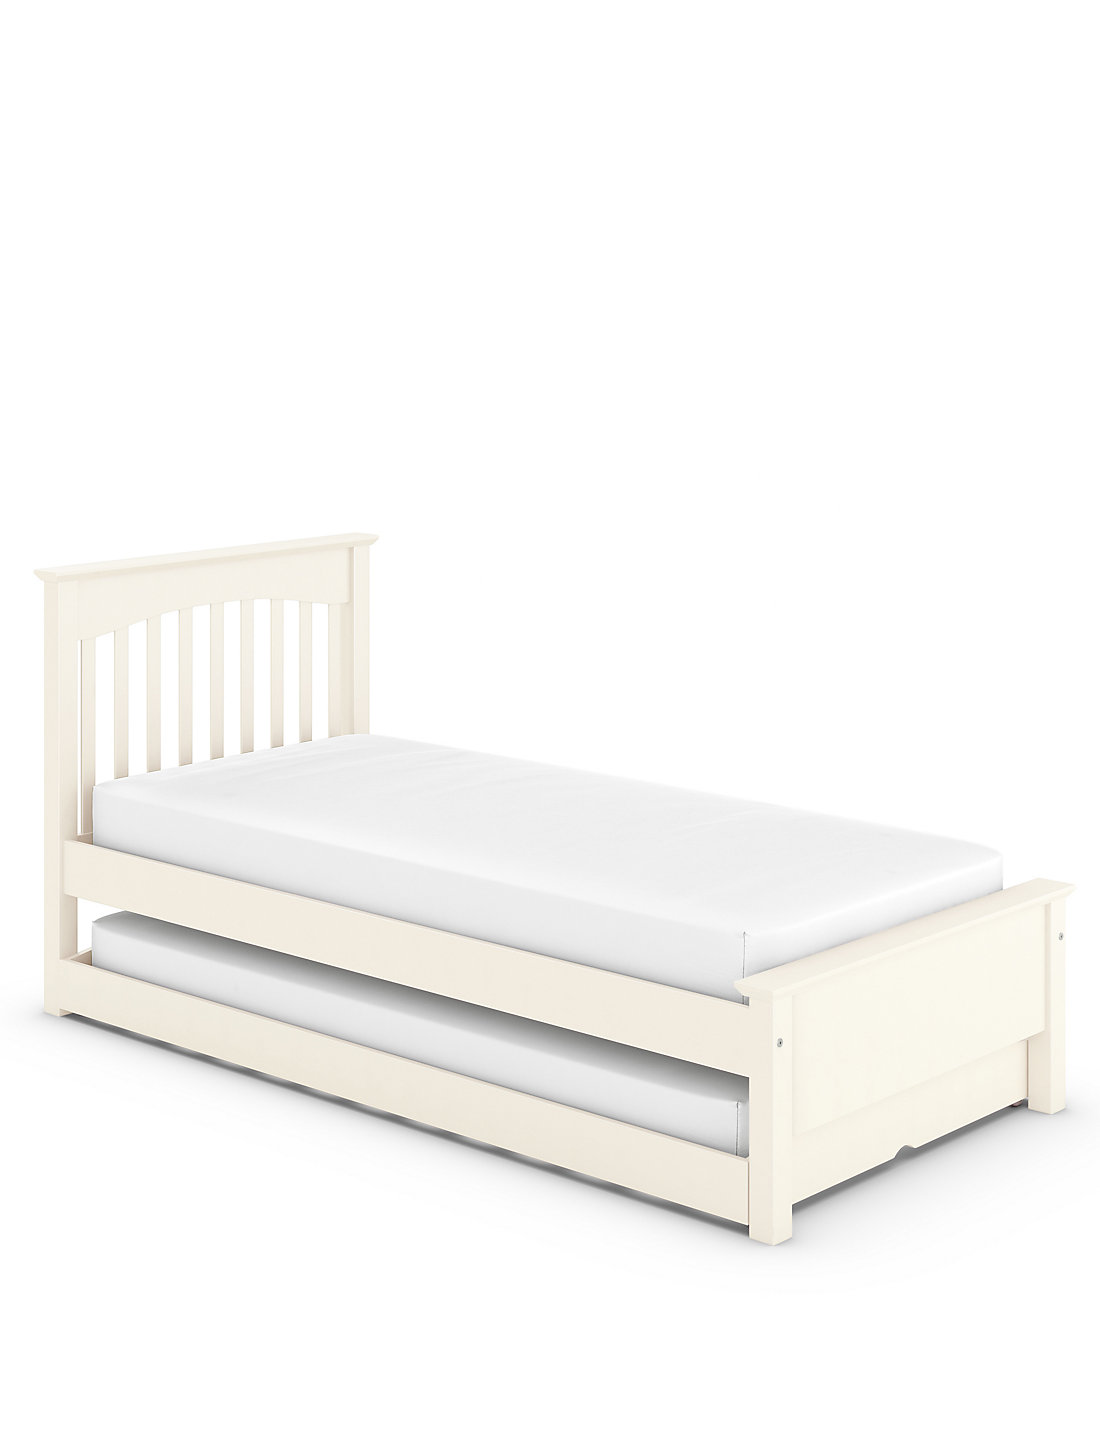 Marks Spencer Bedroom Furniture Childrens Bedroom Furniture Bunk Beds Storage Sets Ms